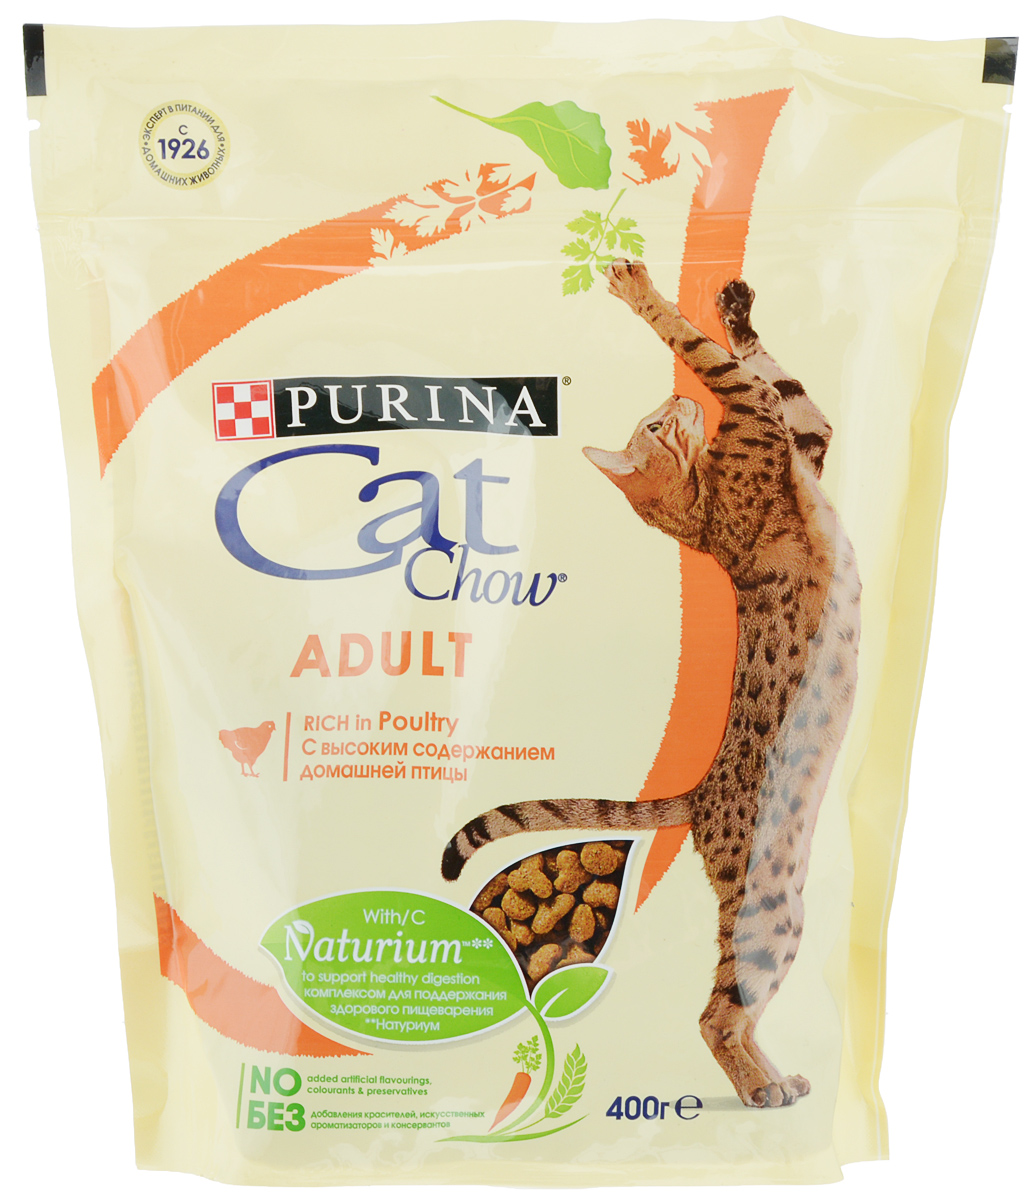 Корм сухой Cat Chow, для взрослых кошек, с домашней птицей, 400 г12292072Сухой корм Cat Chow - это особое сочетание волокон природного происхождения. Он включает источник натурального пребиотика, который улучшает баланс микрофлоры кишечника и поддерживает здоровье пищеварительной системы кошки. Это позволяет ей питаться с большей пользой. В состав корма входит витамин E для поддержания естественной защиты организма кошки и витаминами группы B, чтобы помочь вашей кошке оптимально использовать энергию. Корм тщательно разработан: без добавления искусственных консервантов и ароматизаторов, без добавления красителейТовар сертифицирован.